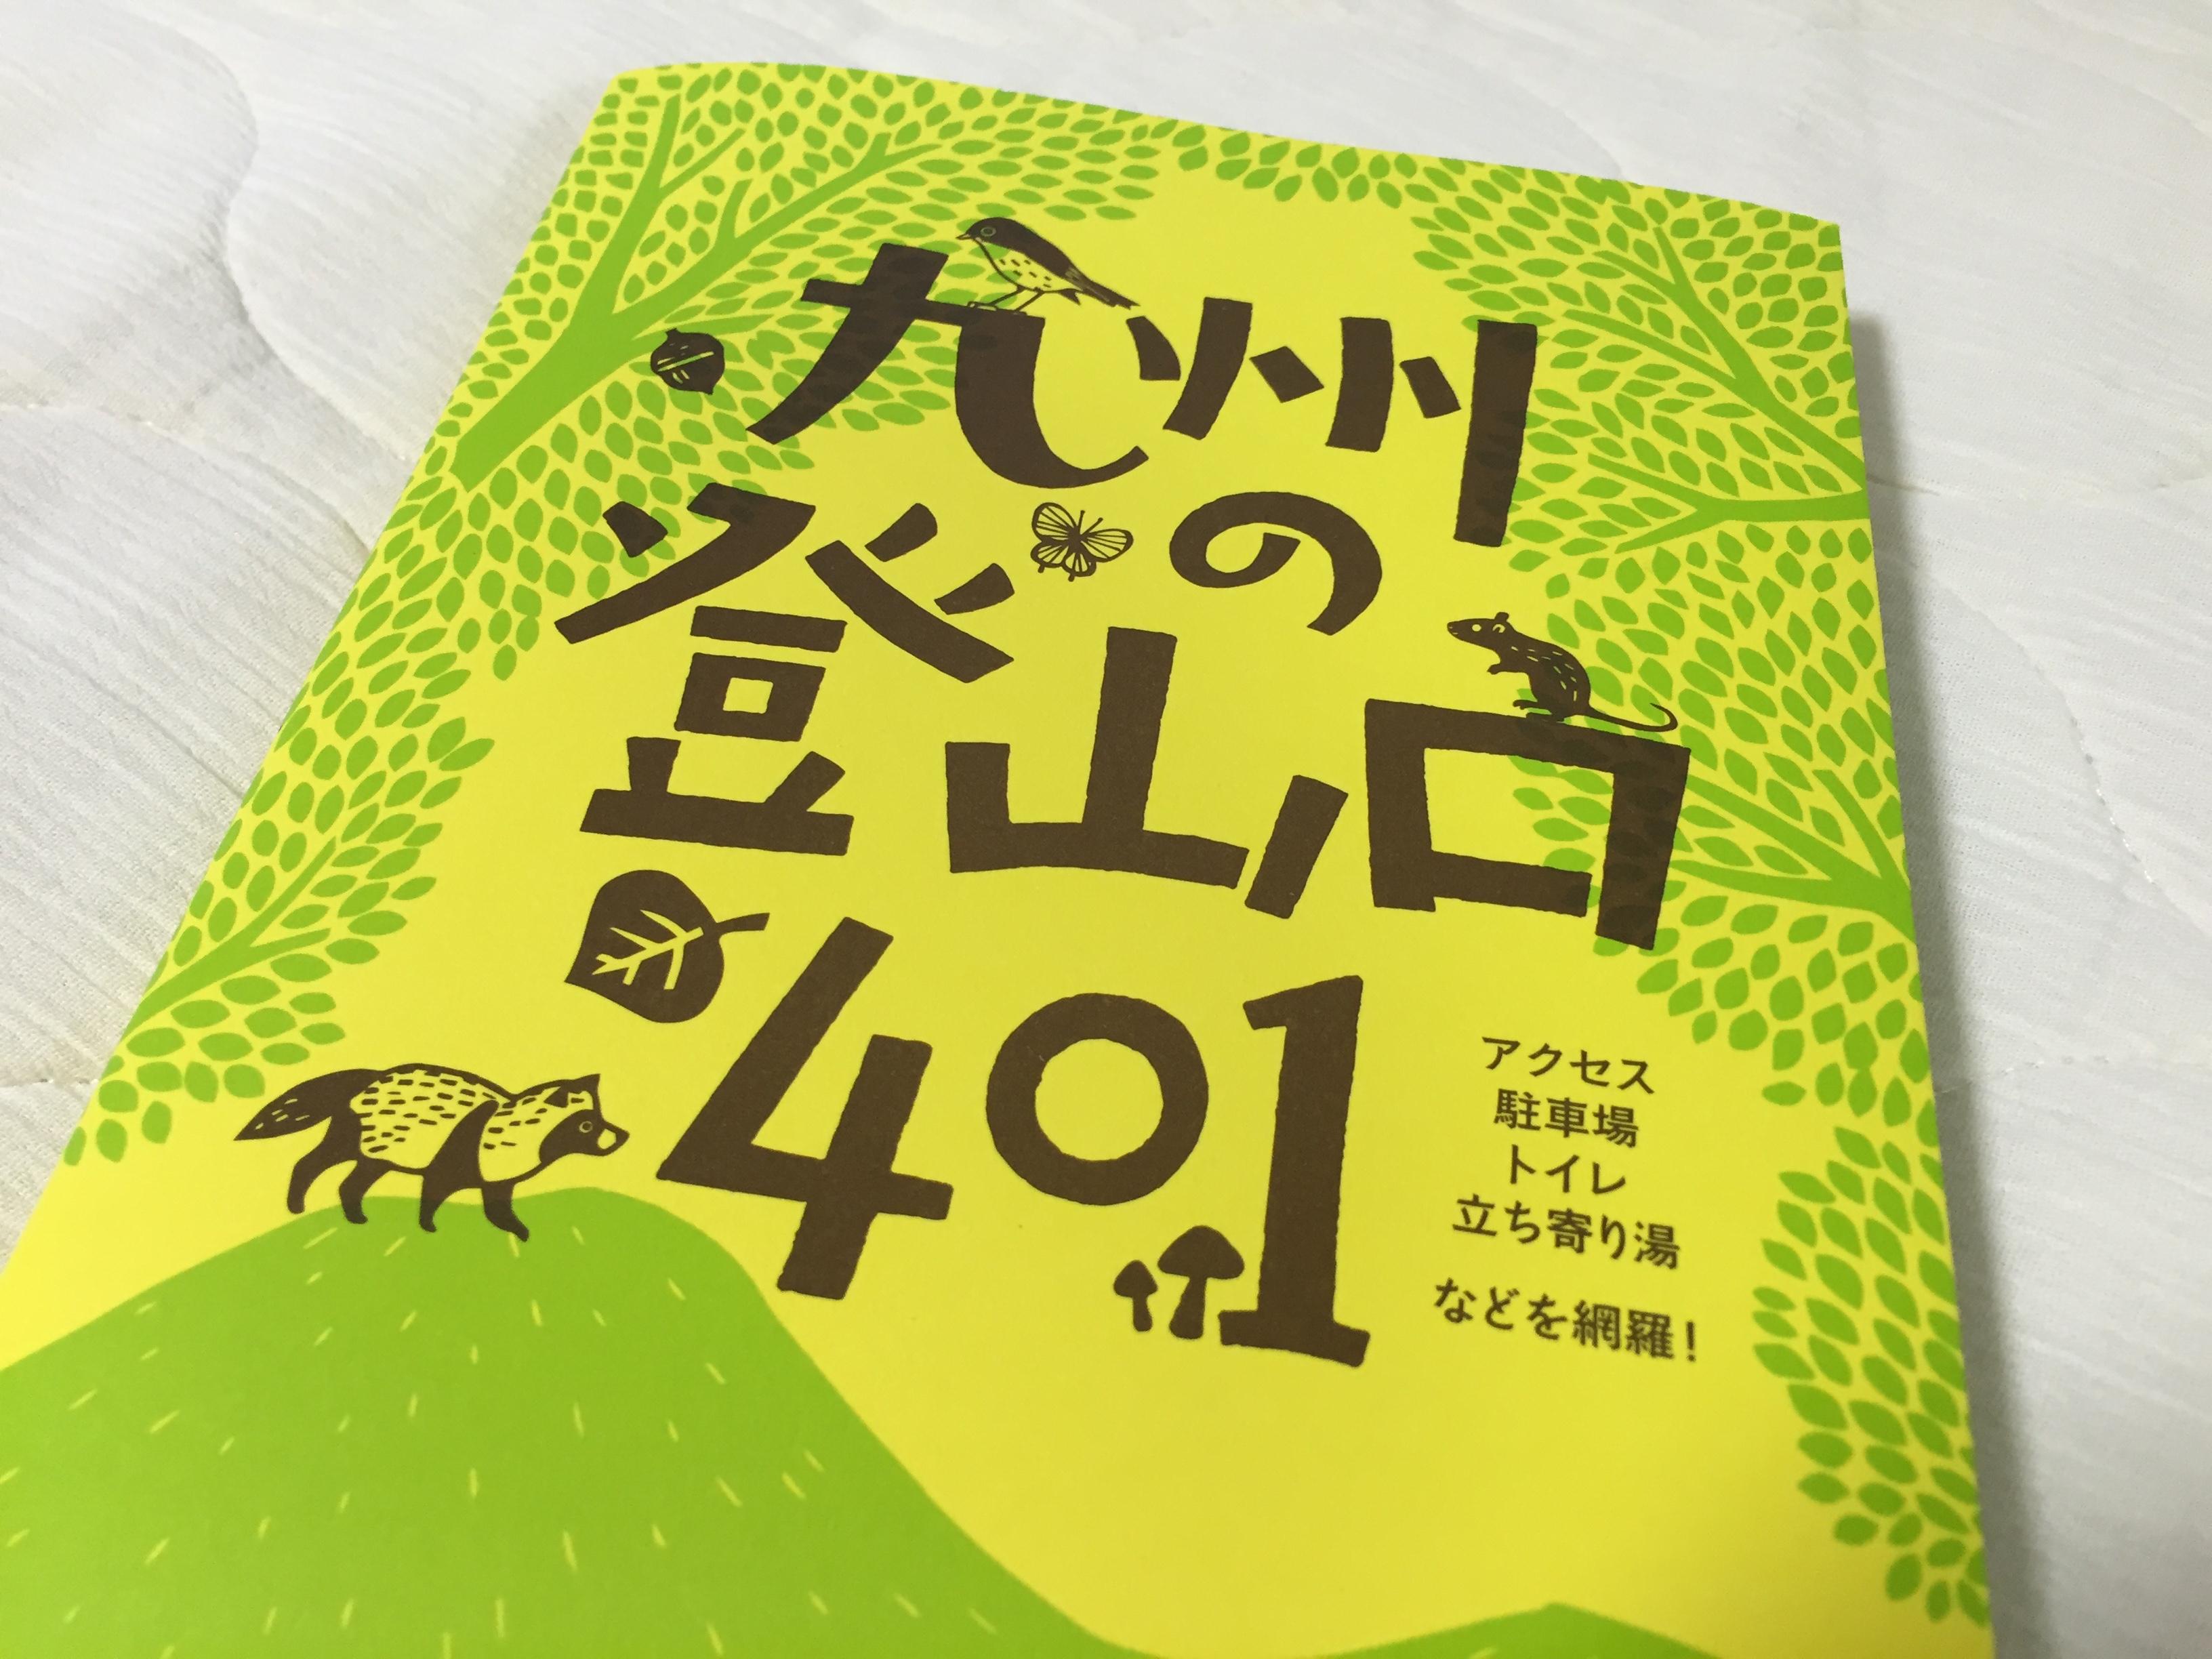 【読書】九州の登山口401 トイレも携帯も駐車場も、登山口までのアクセスはこれ1冊で完璧!